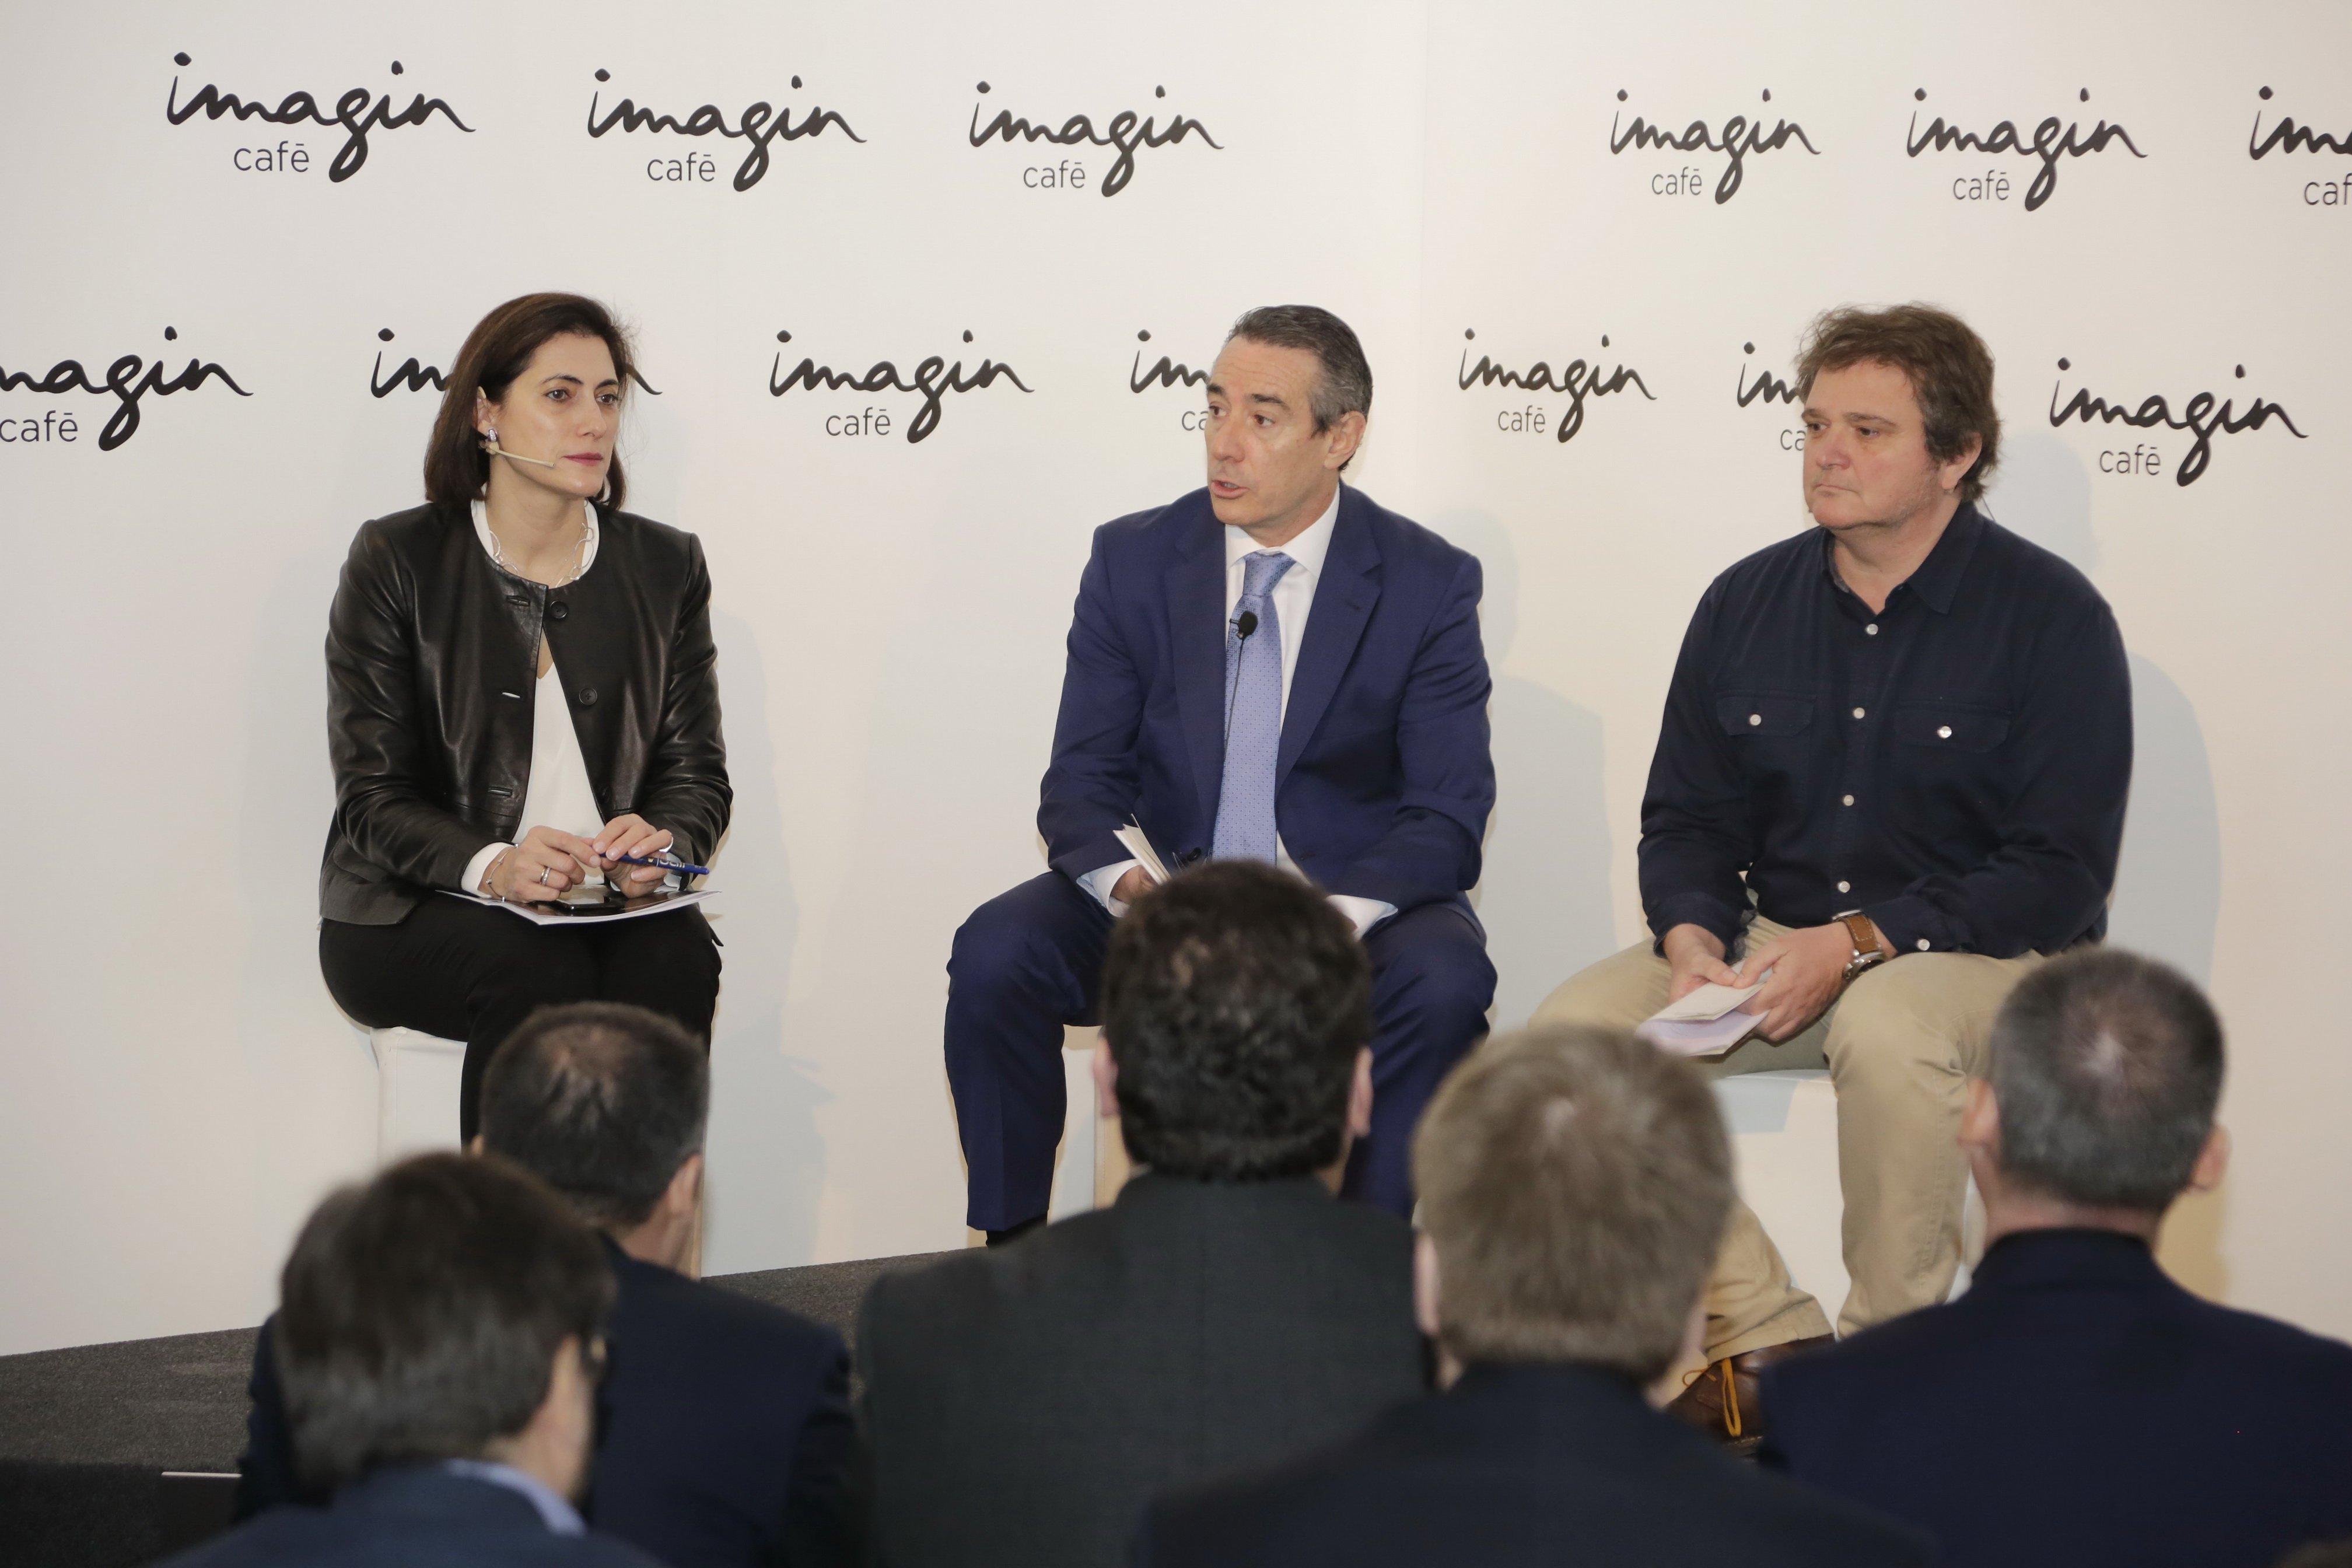 imaginCafe presentació juan alcaraz caixabank